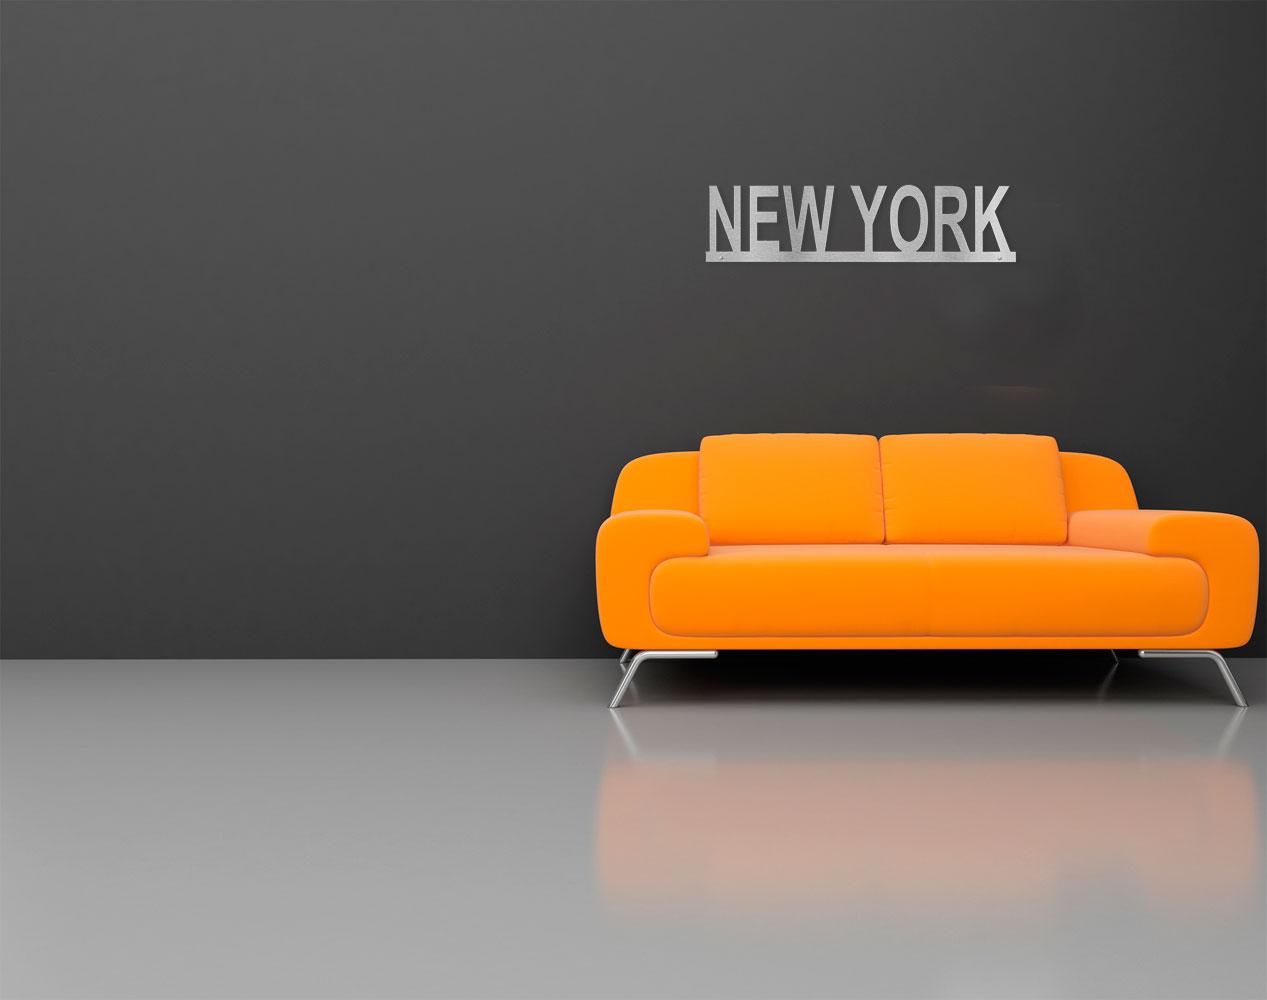 Einzigartig New York Wandtattoo Beste Wahl